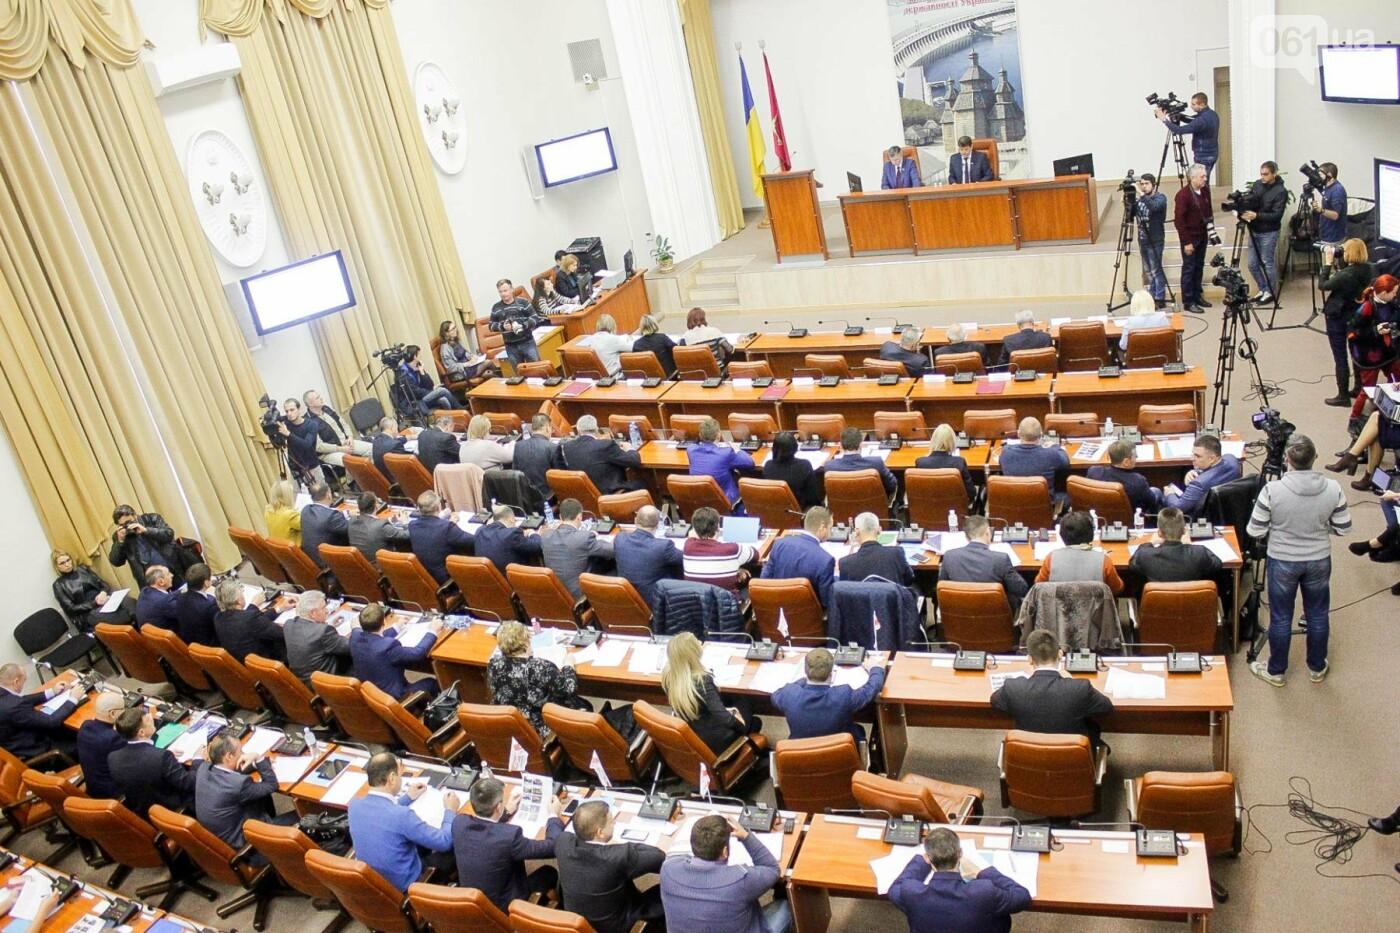 Сессия запорожского горсовета в 55 фотографиях, - ФОТОРЕПОРТАЖ, фото-1